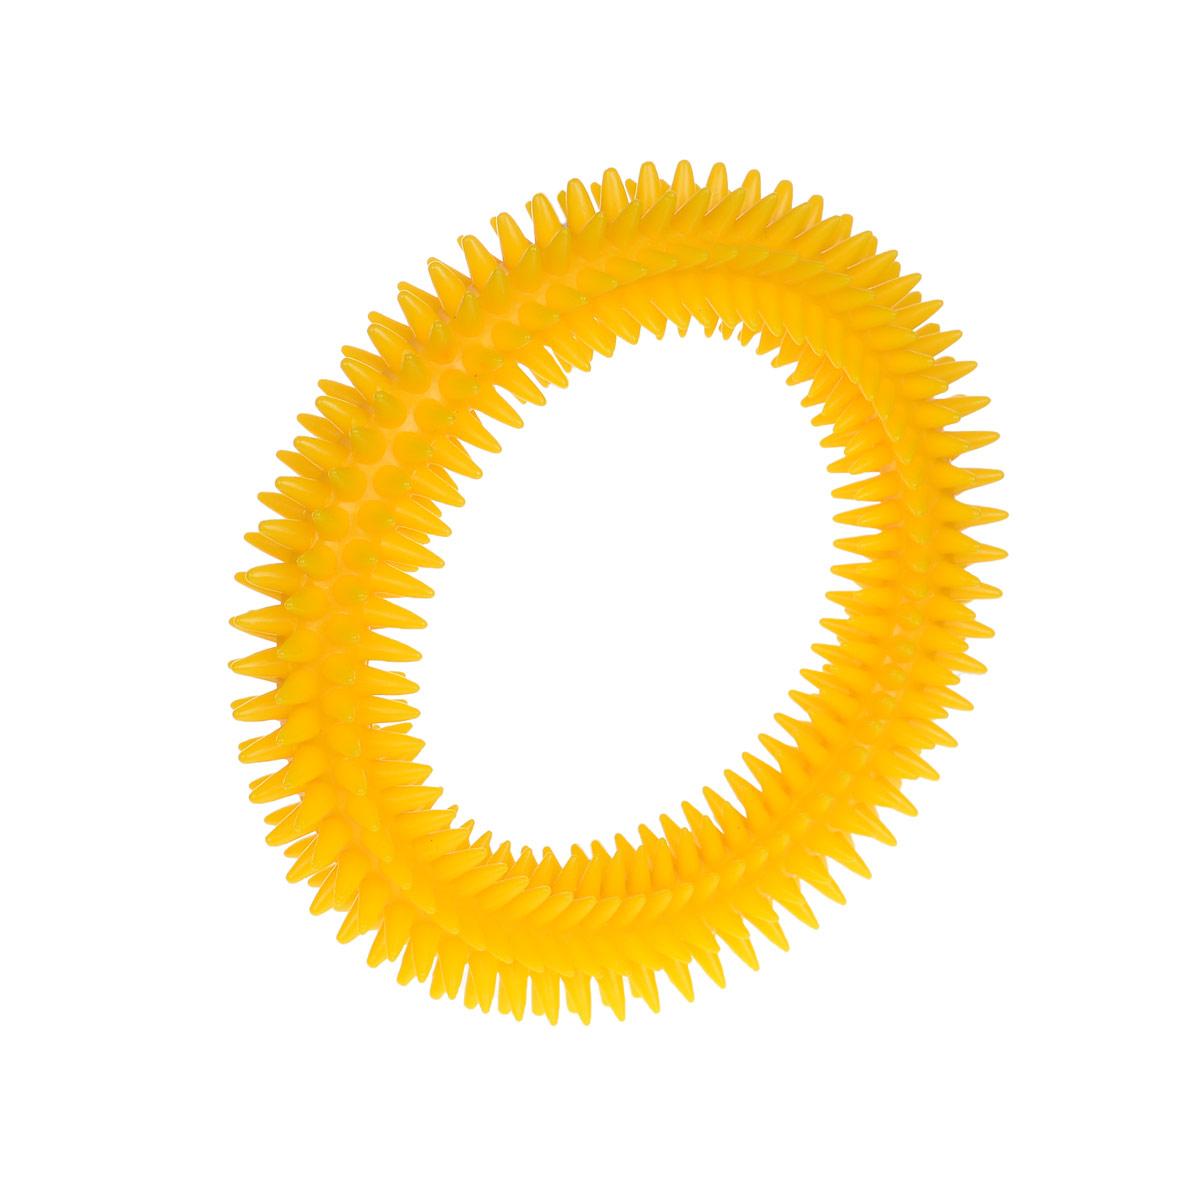 Кольцо массажное с шипами V.I.Pet, цвет: желтый, диаметр 12 см0120710Массажное кольцо с шипами V.I.Pet предназначено для собак. Прочная игрушка выполнена из пластика с использованием только безопасных, не токсичных красителей. Отлично подходит для игры с собакой, во время которой будет происходить массаж и укрепление десен вашего питомца. Как и в случае с любой другой игрушкой для животных, присматривайте за собакой во время игры. Диаметр: 16 см.Товар сертифицирован.